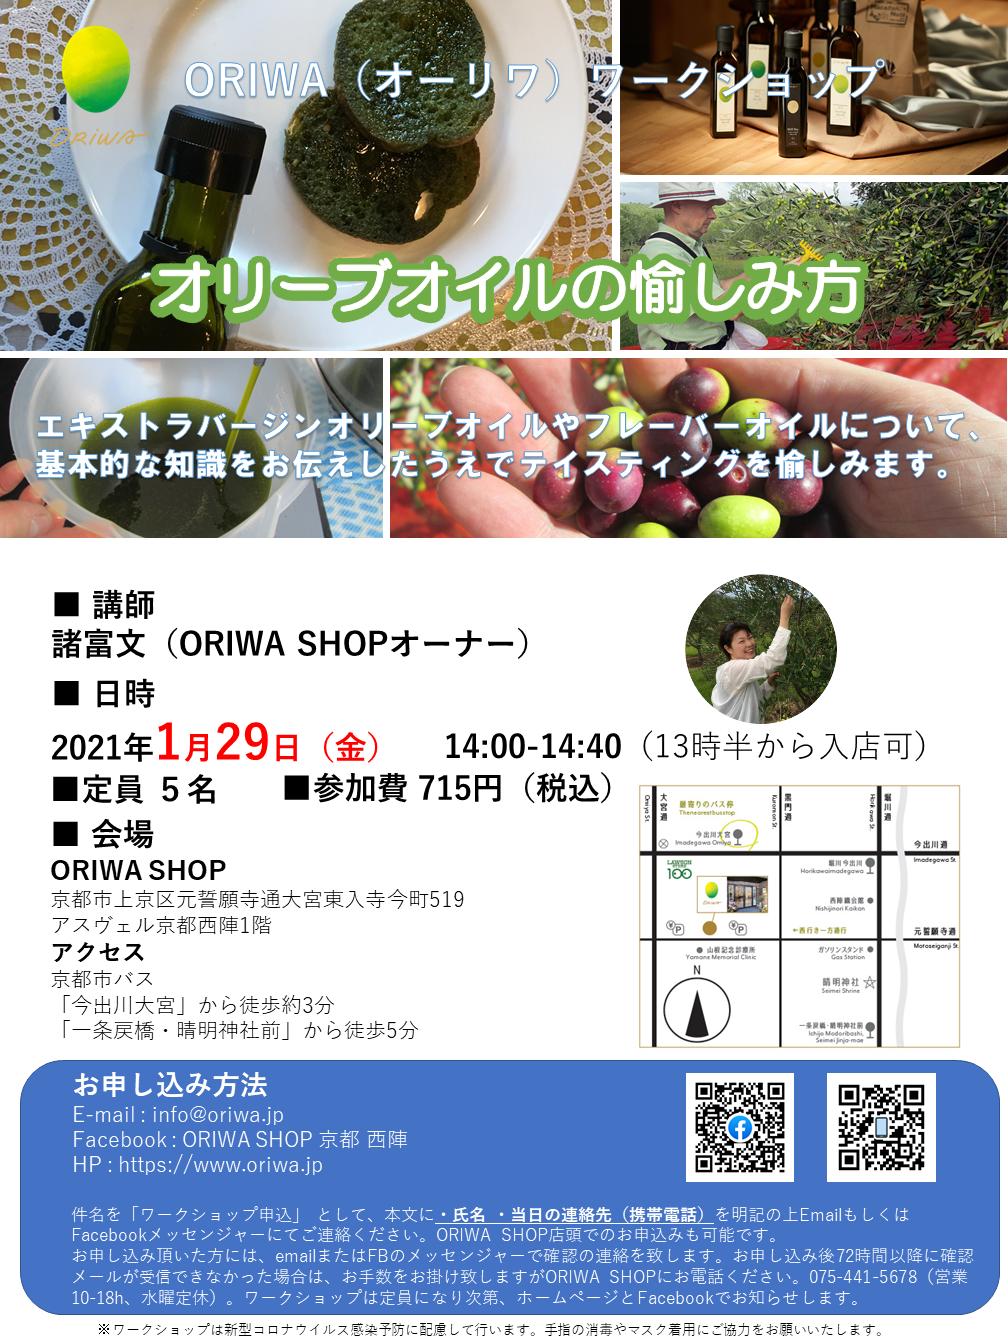 1/29 ORIWAワークショップ「オリーブオイルの愉しみ方」開催!